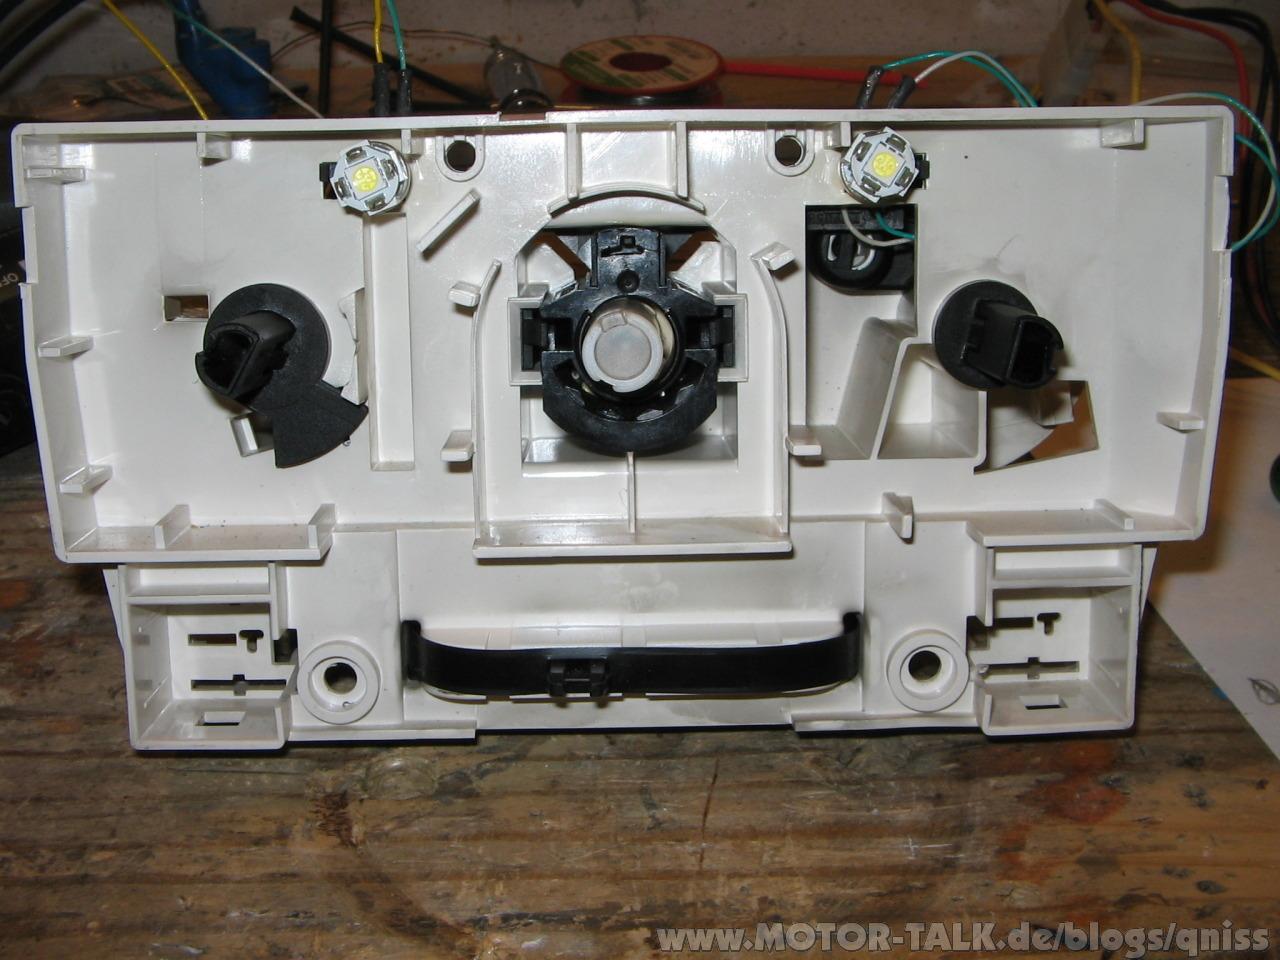 Opel Zafira A Beleuchtung Mittelkonsole   Opel Zafira A Beleuchtung Mittelkonsole Infos Zu Navi 950 And